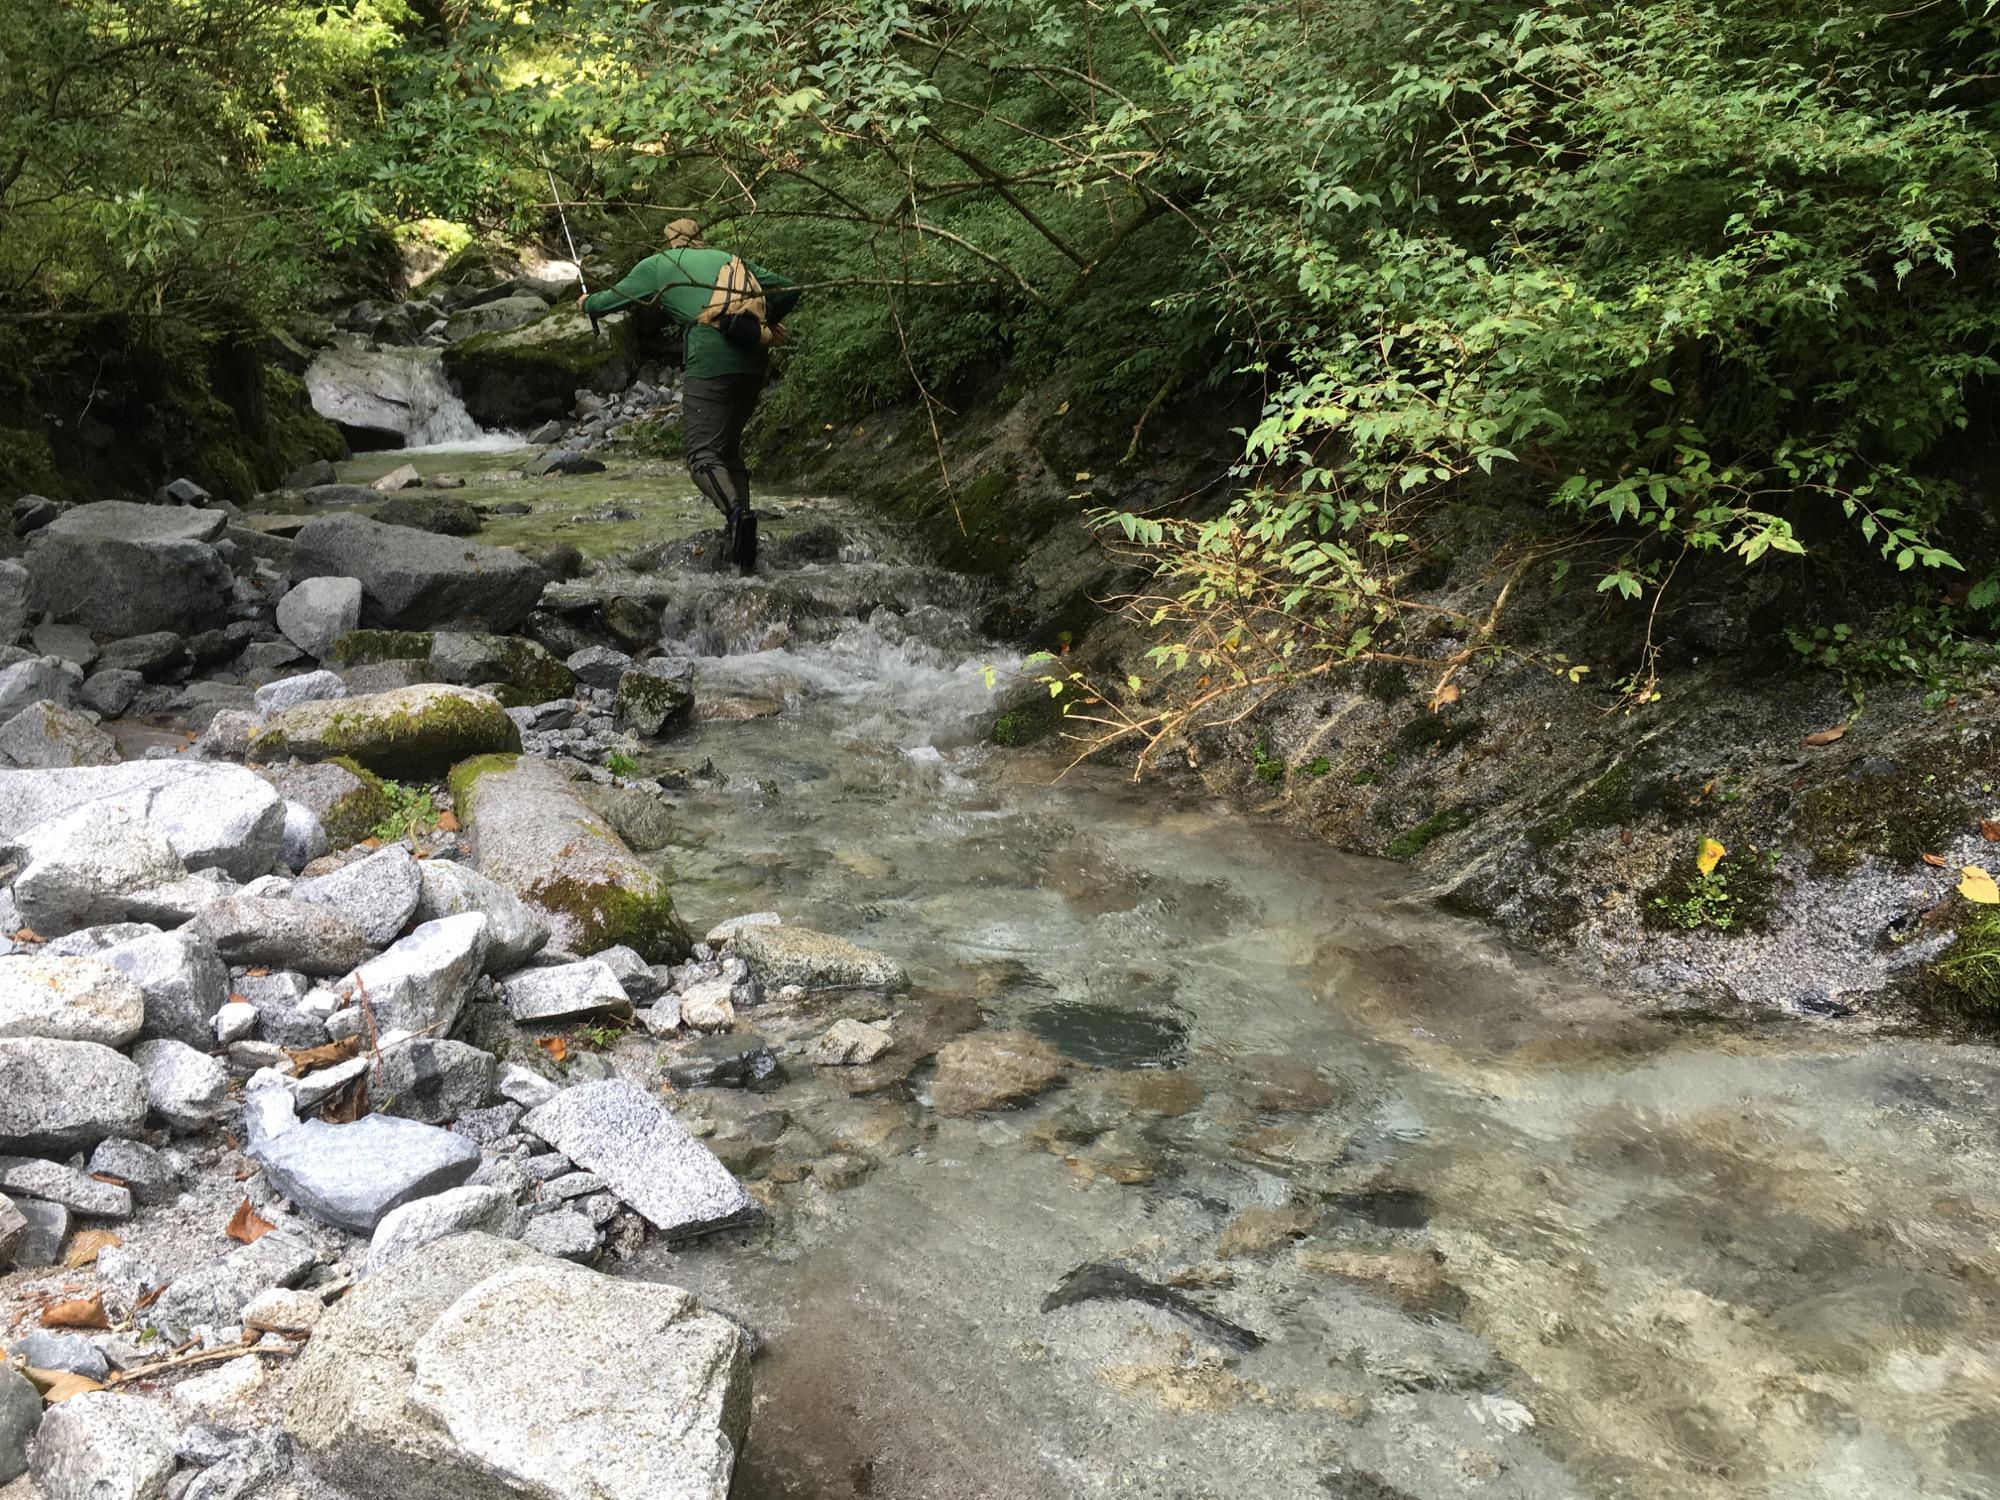 Exploring a tight stream